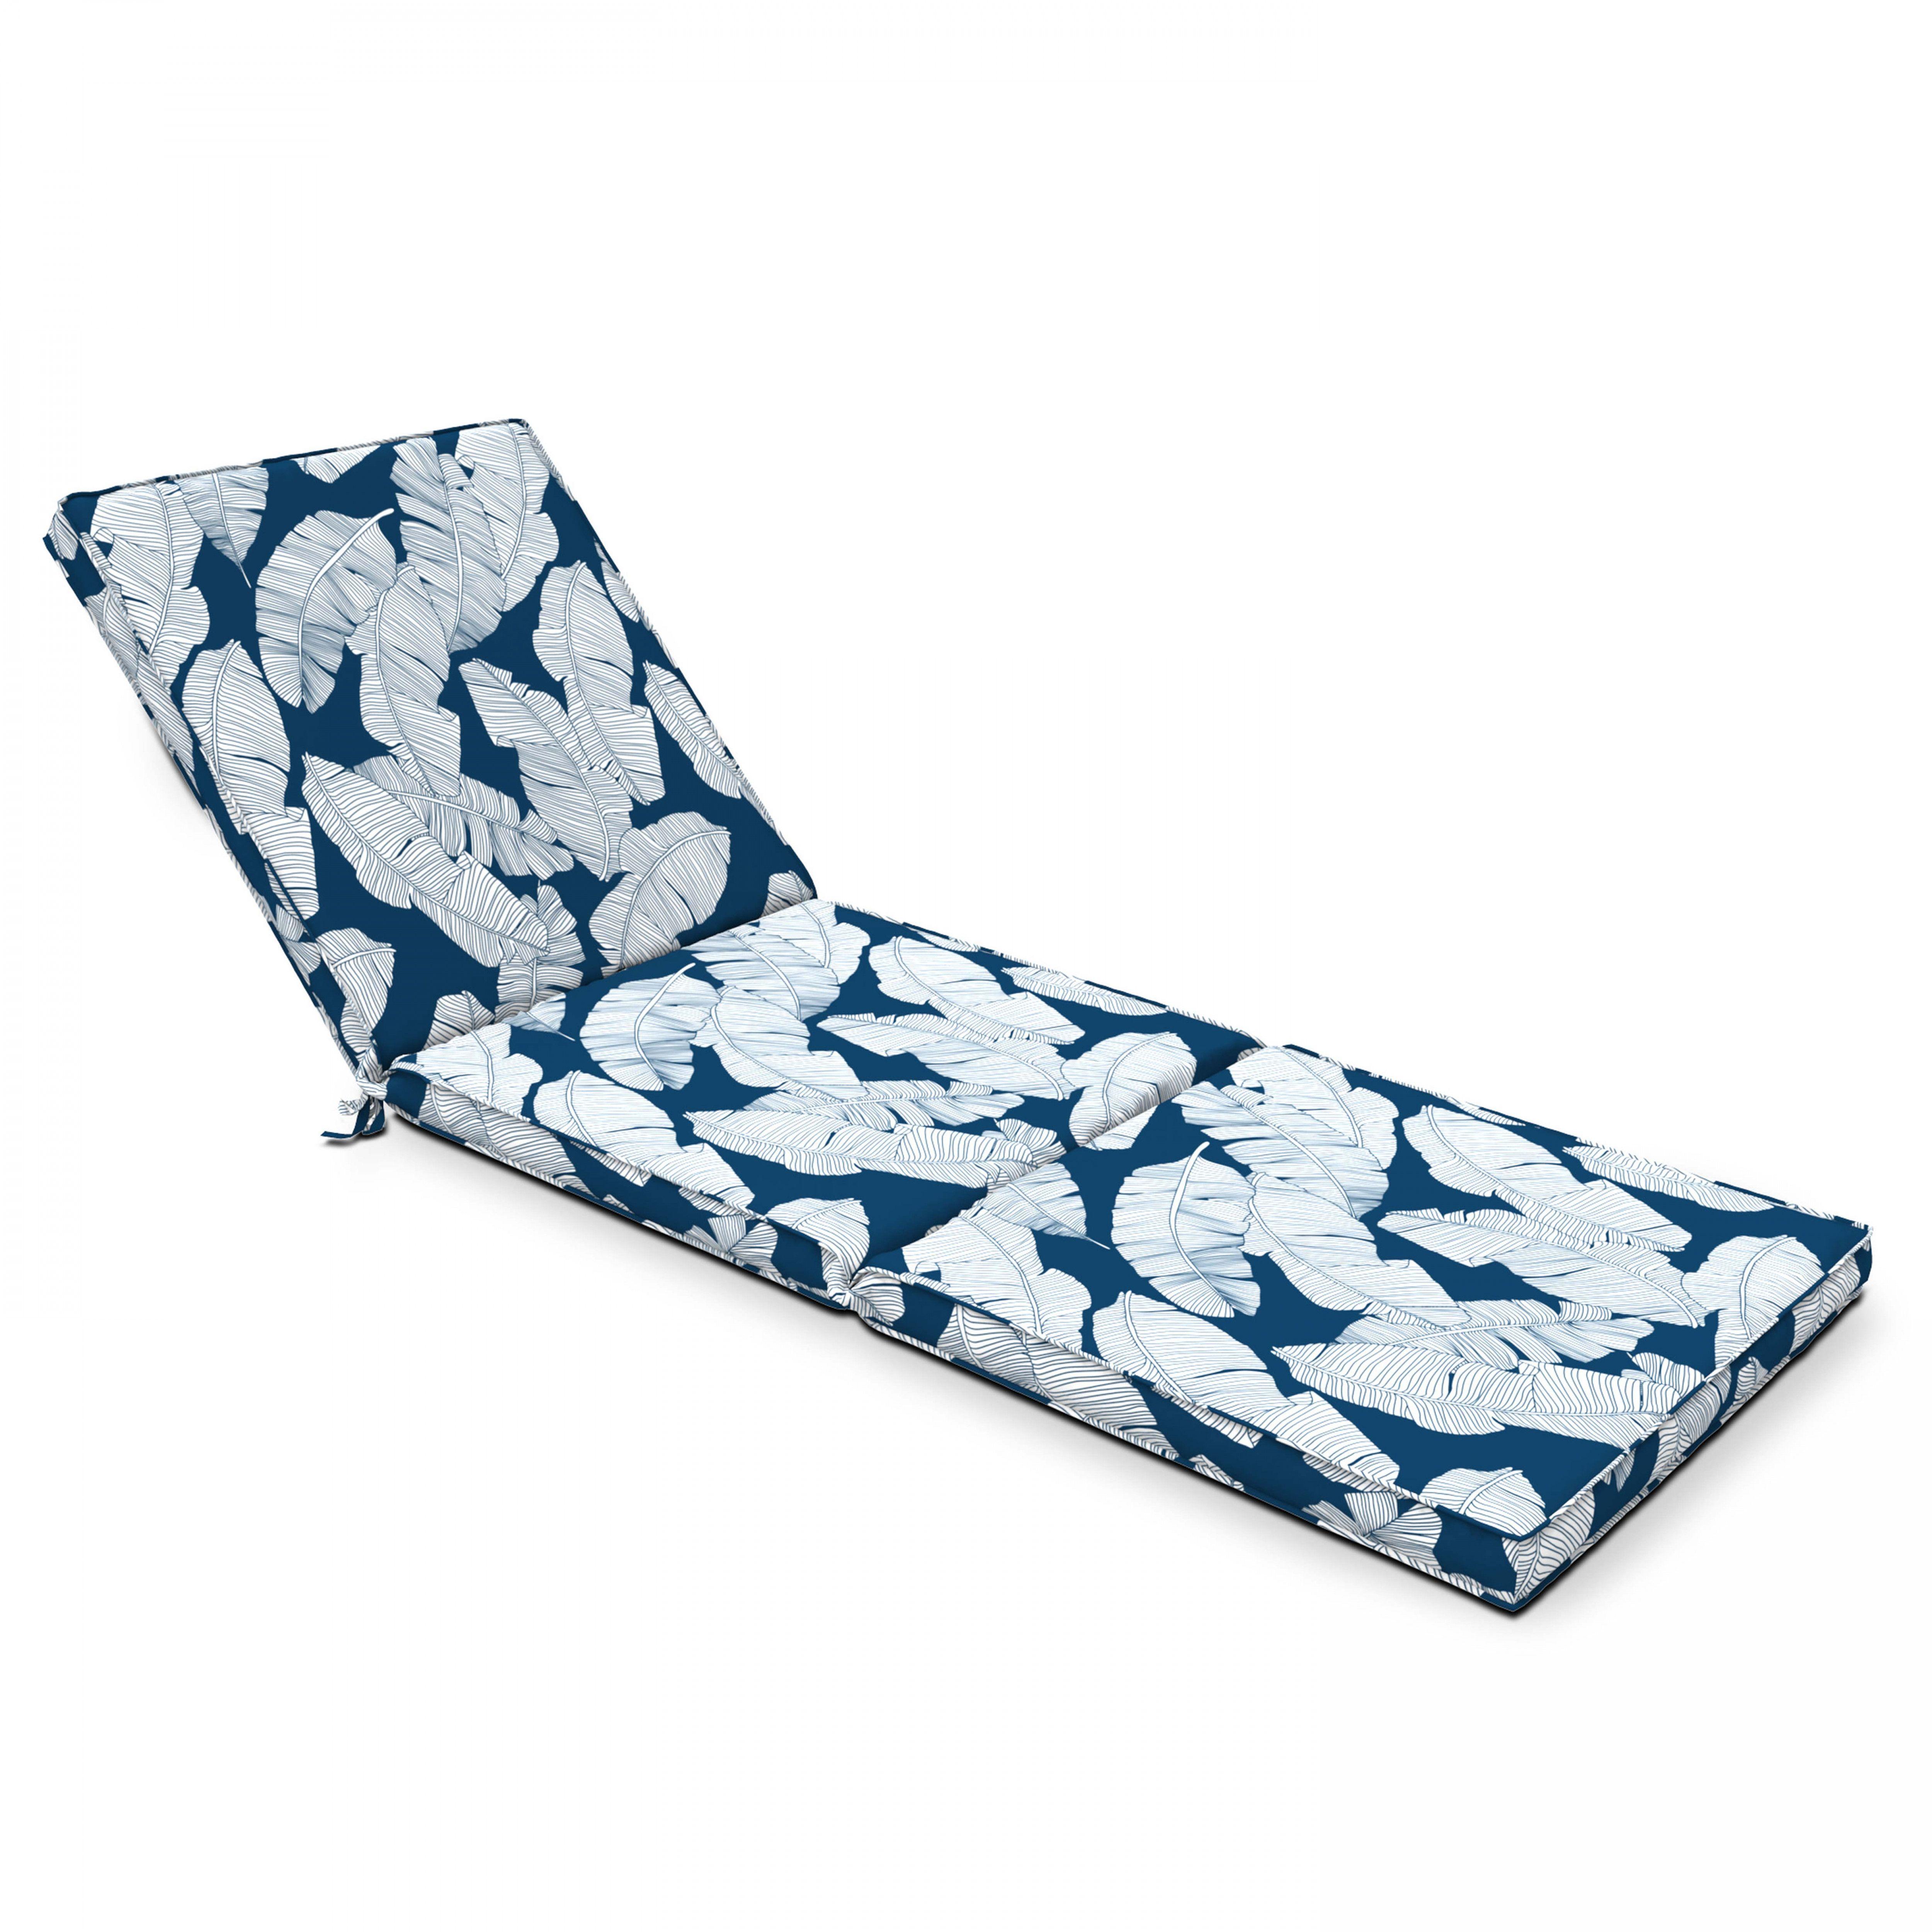 Coussin pour bain de soleil  en polyester imprimé feuilles bleu